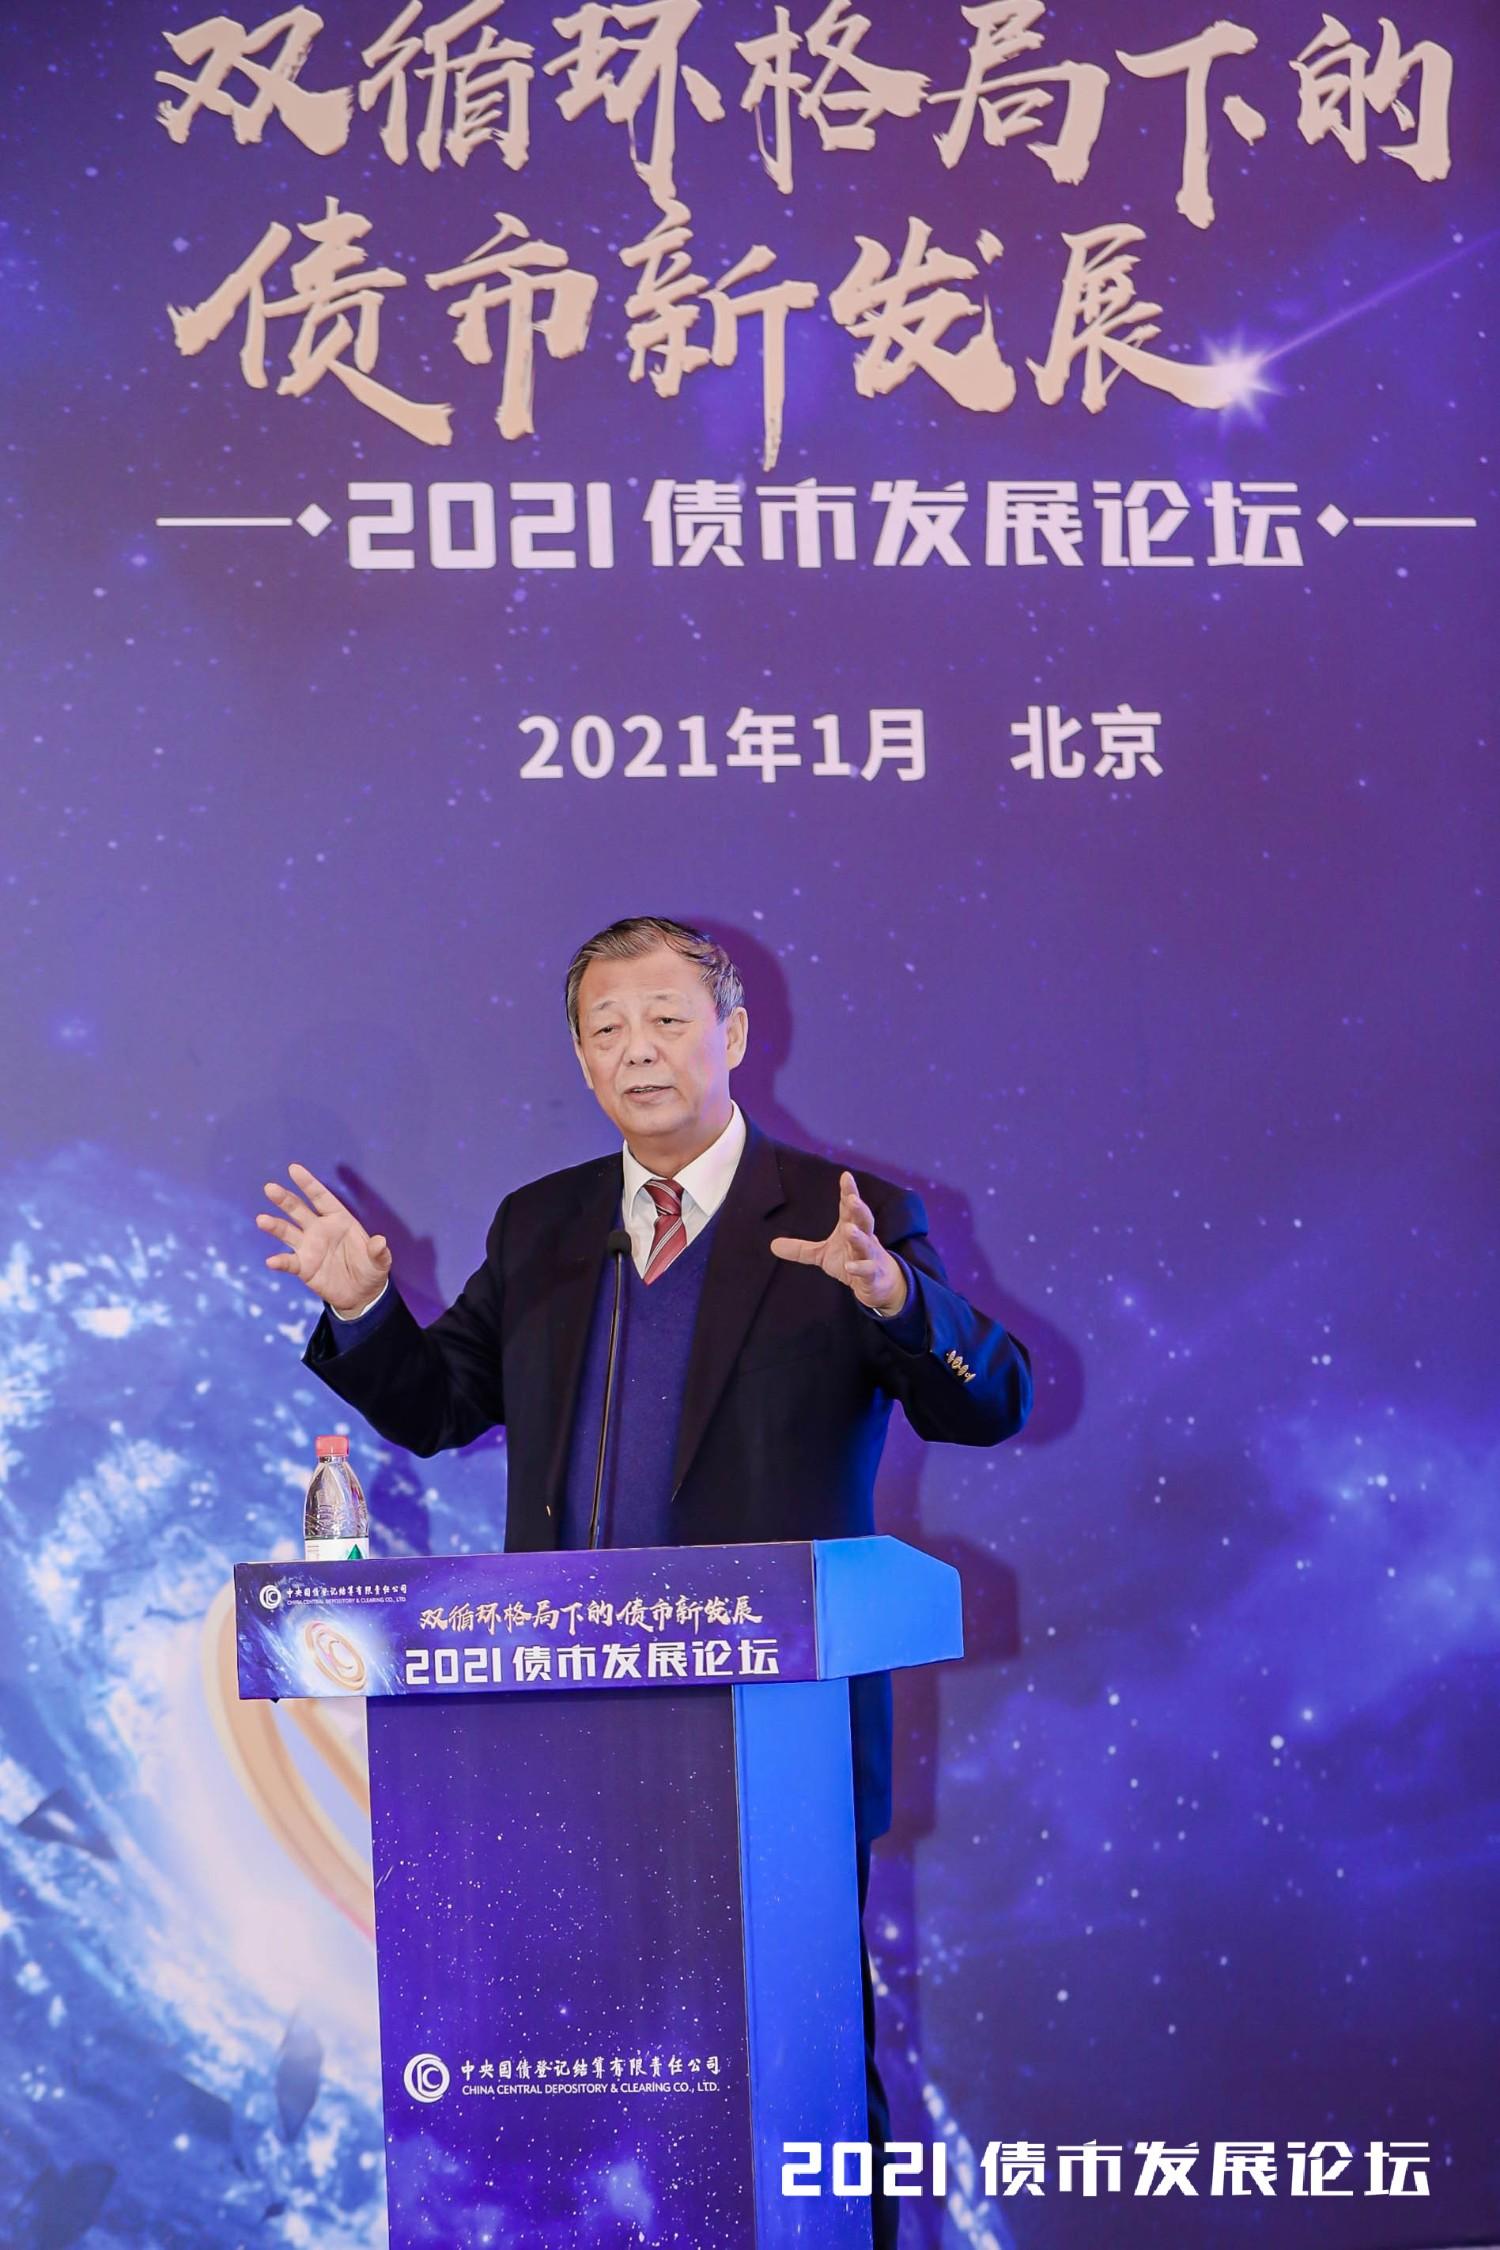 姚景源:今年经济稳字当头 两大问题要解决